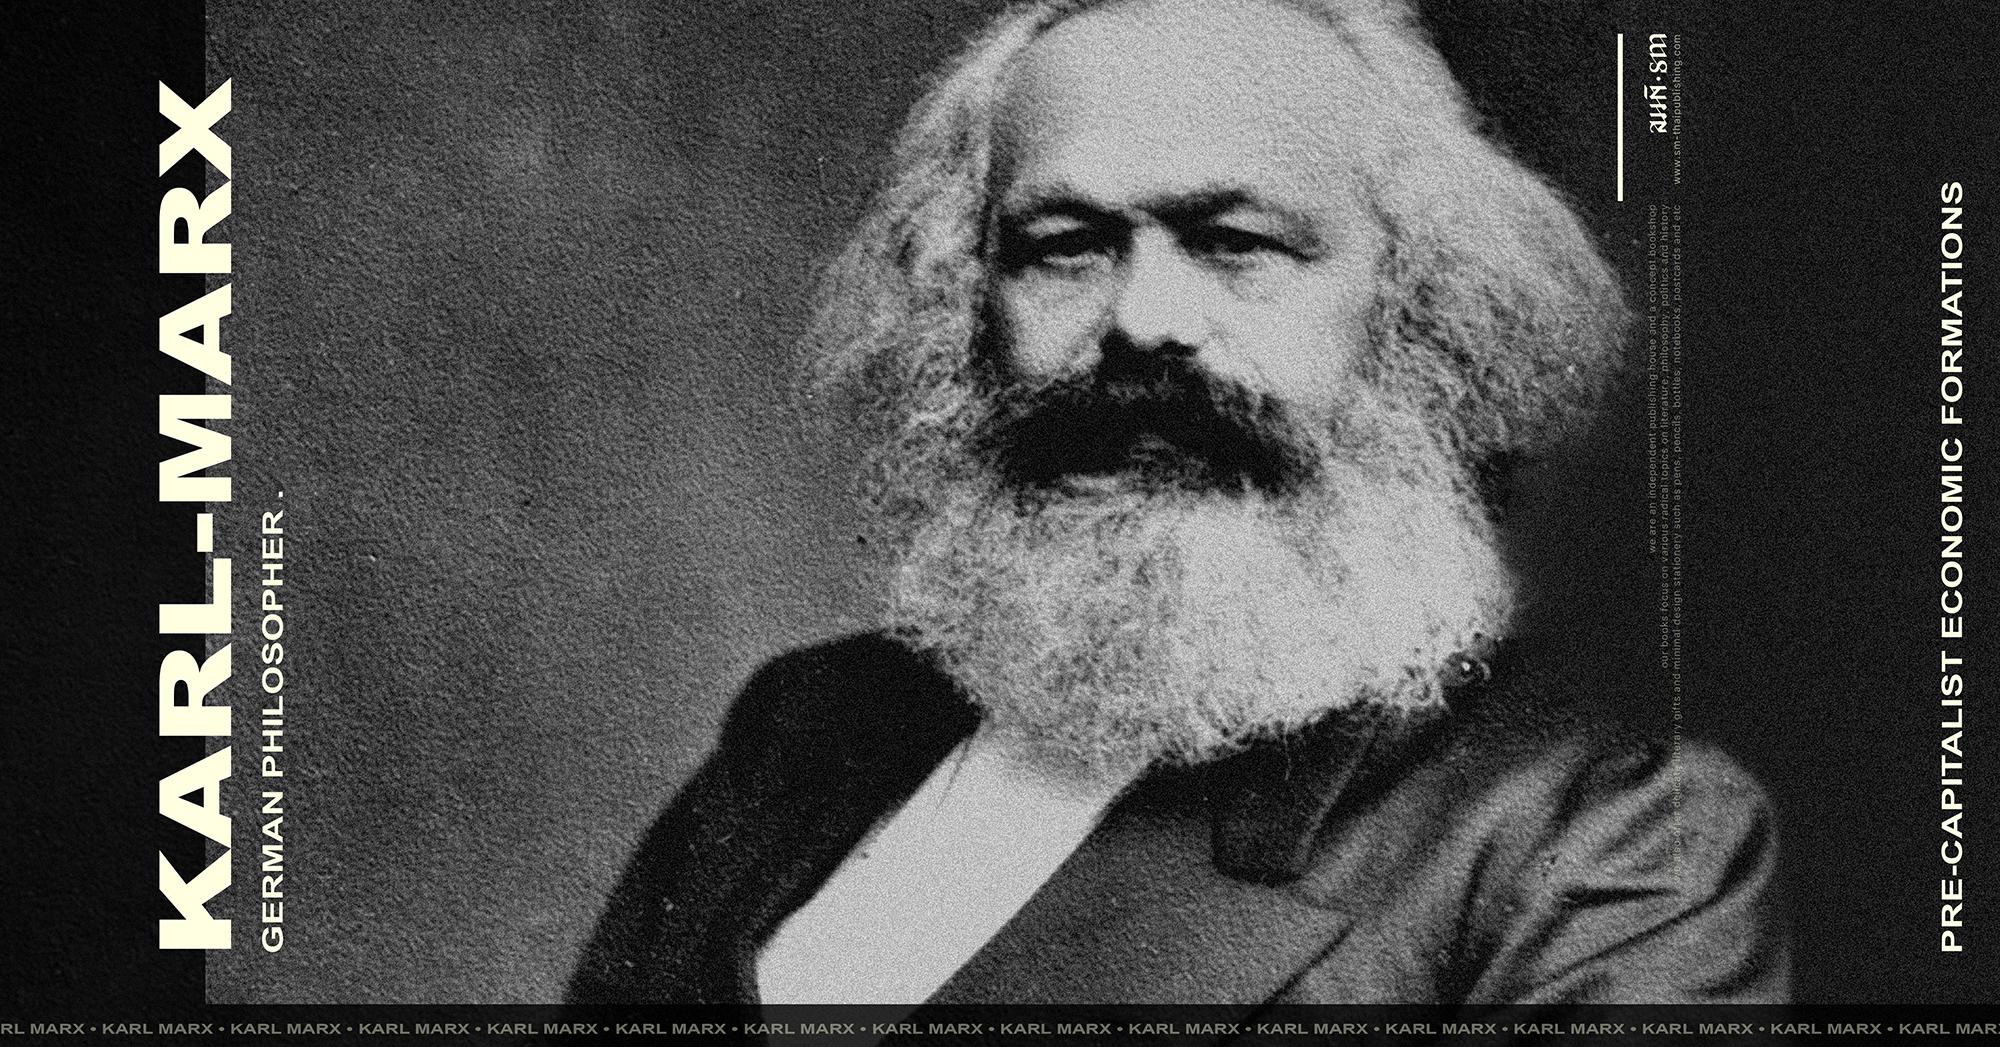 คาร์ล มาร์กซ (Karl Marx)